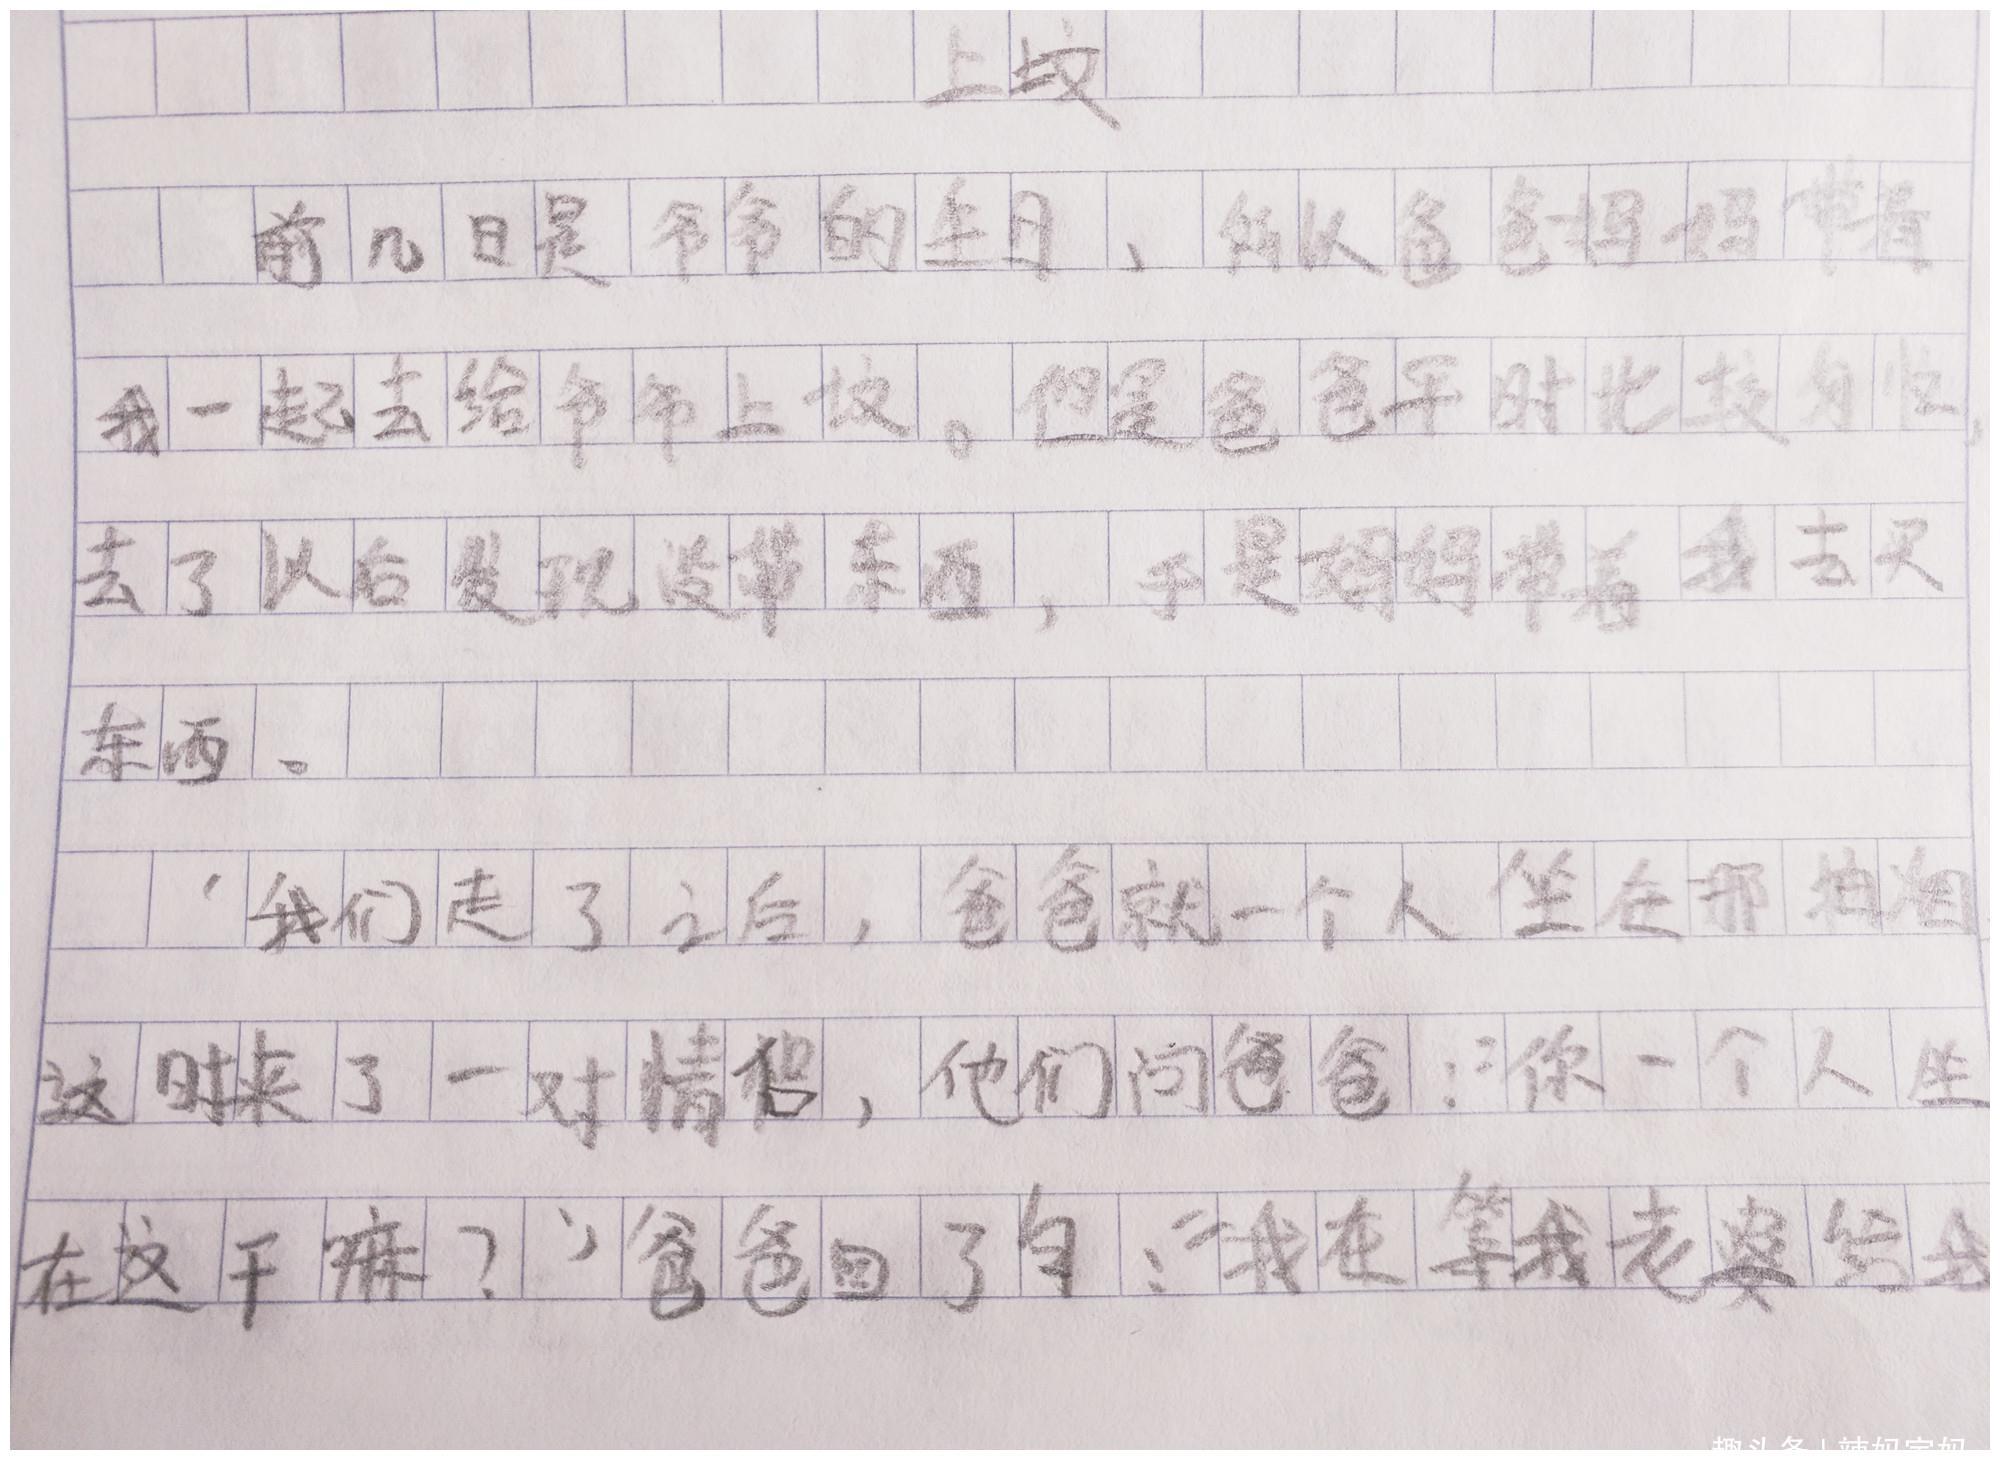 小学生奇葩作文《上坟》,突发事件,家长沉下脸:小崽子真能编